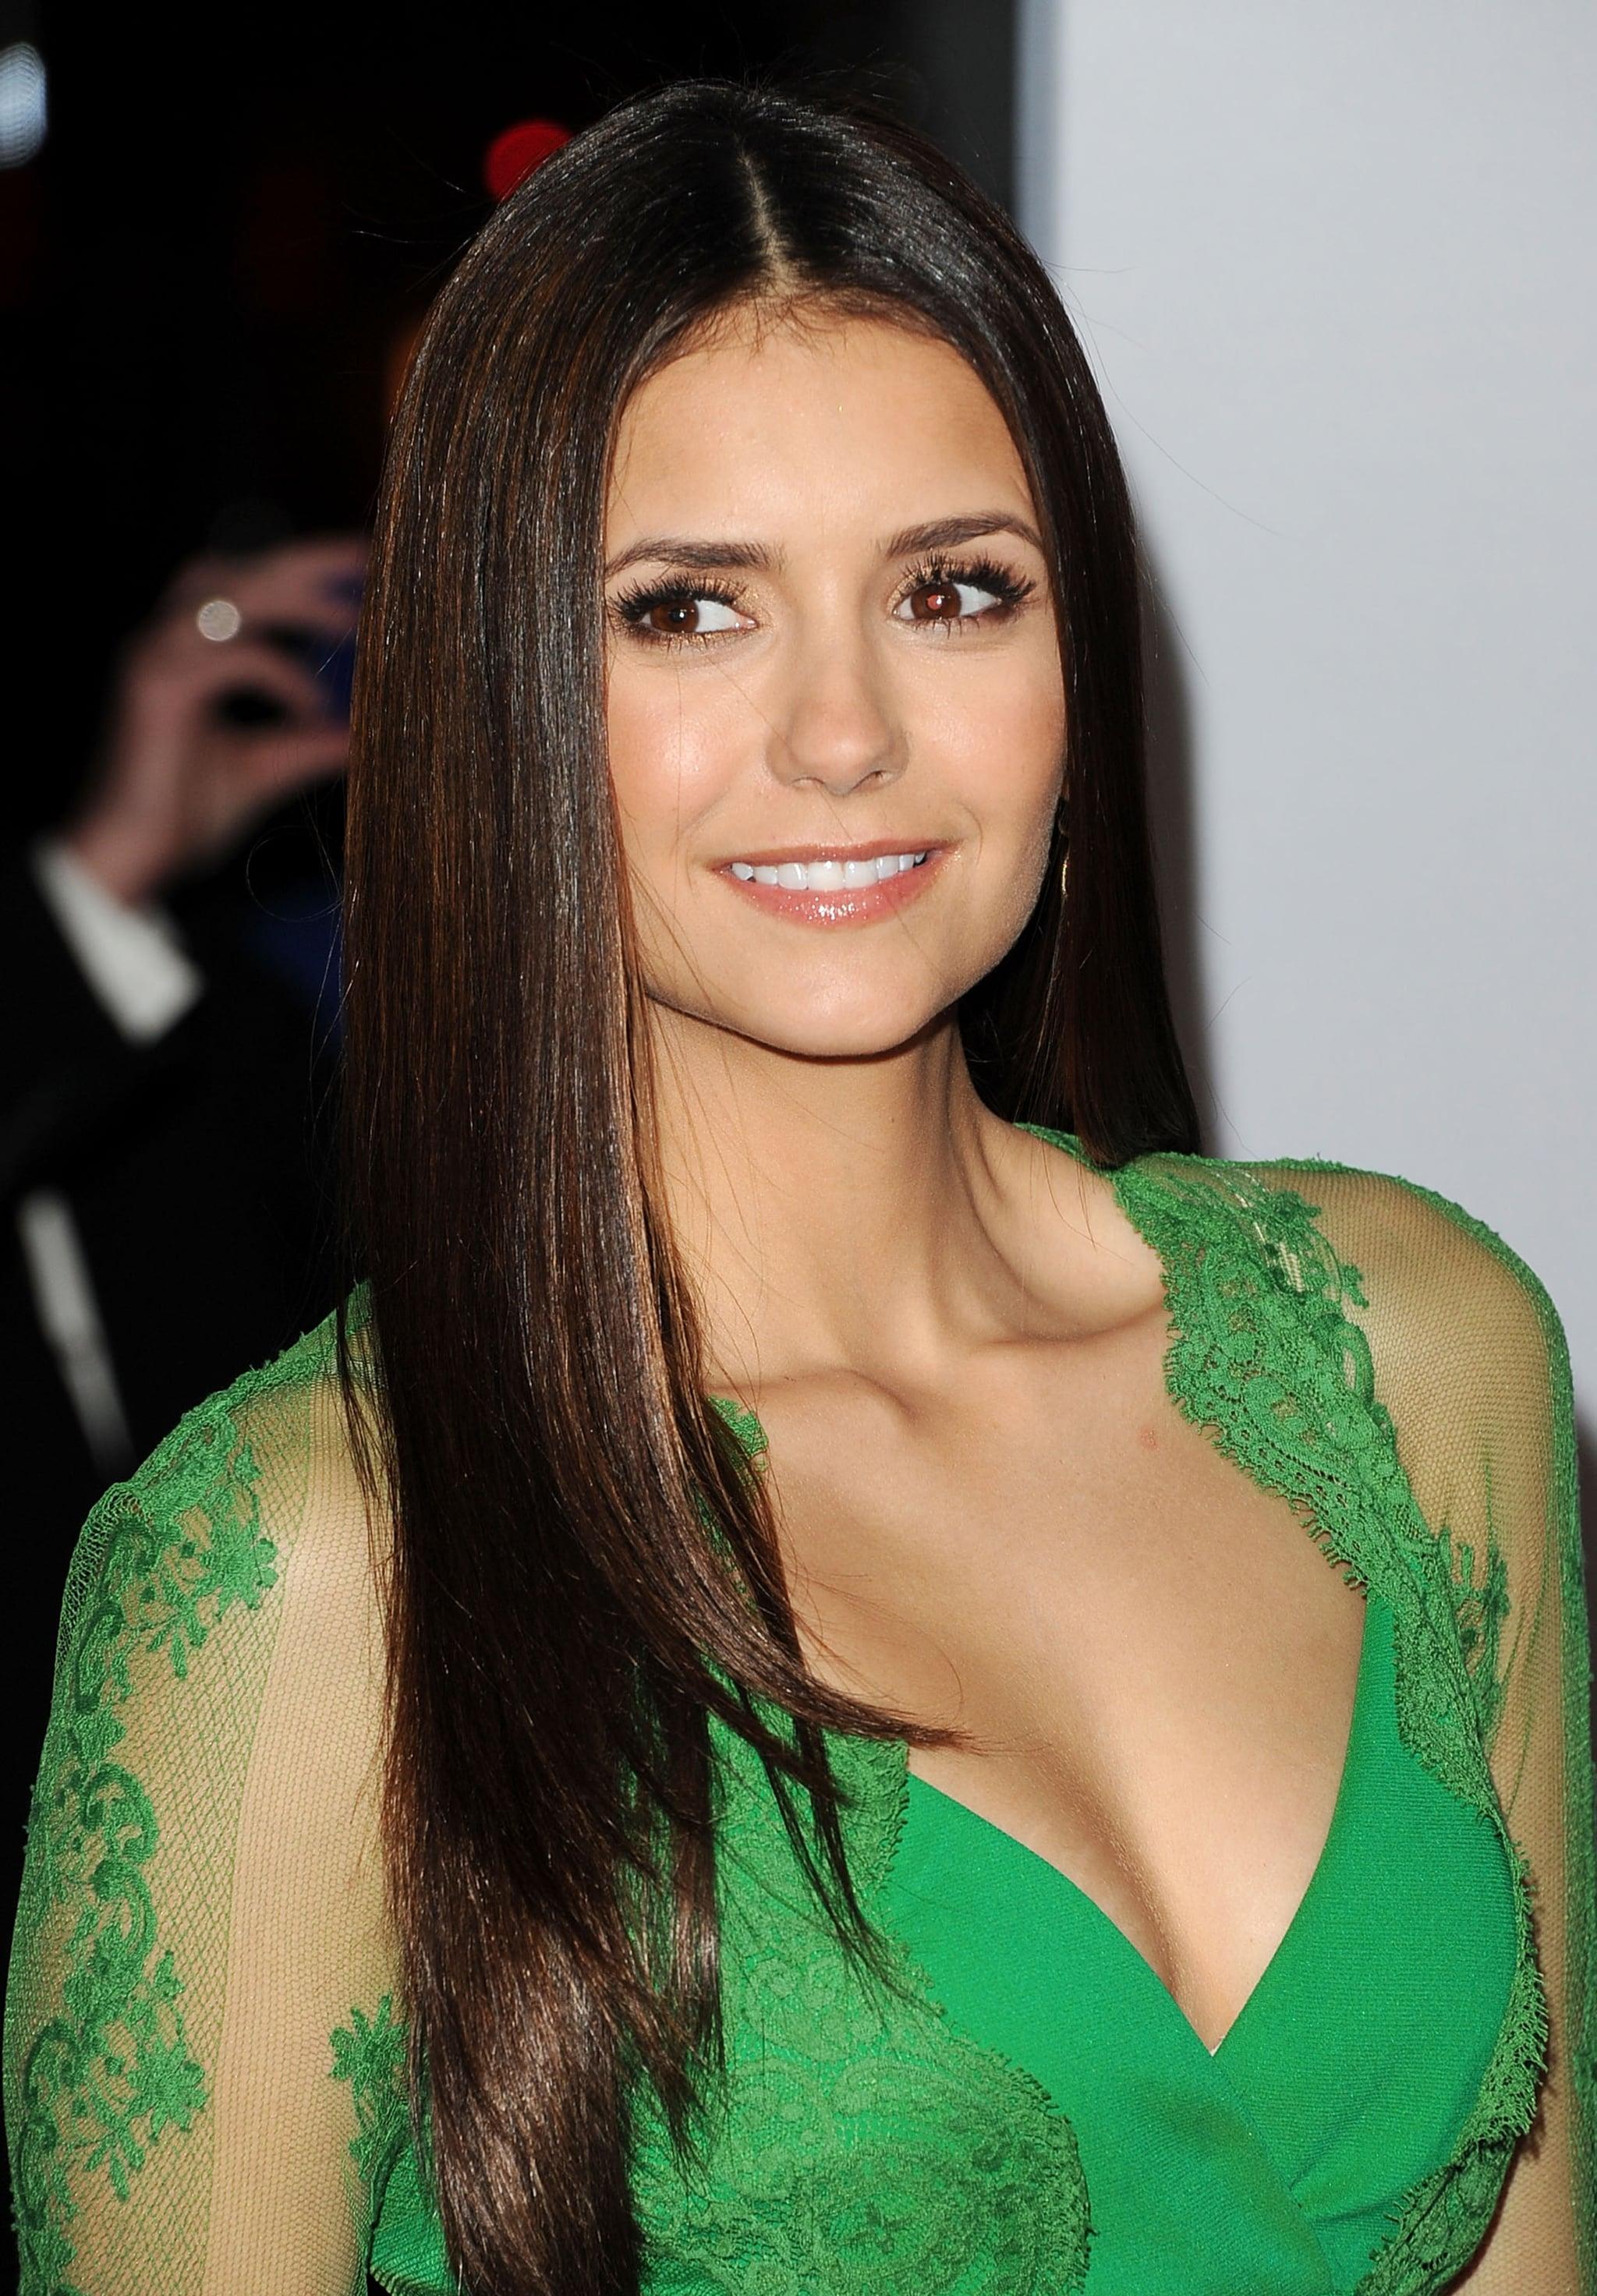 Nina Dobrev smiled on the red carpet.